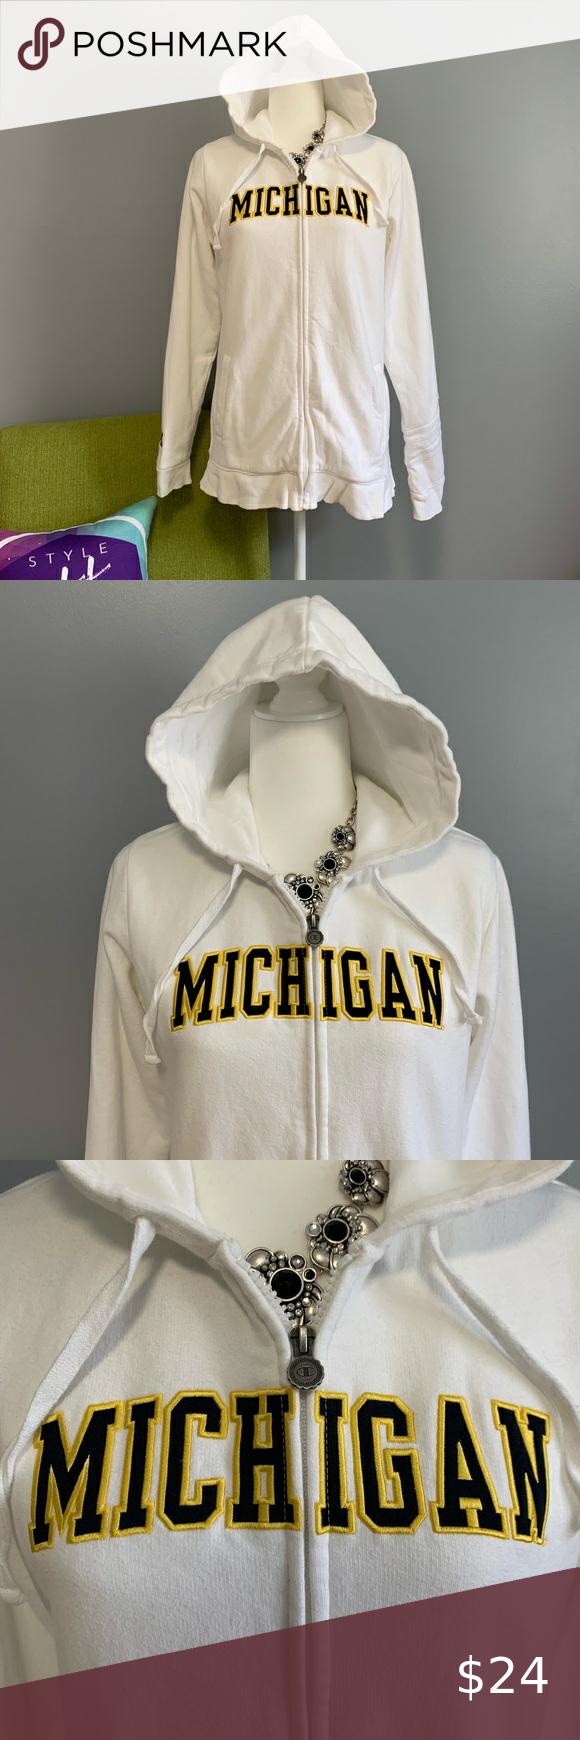 Champion Uofm White Zip Hooded Sweatshirt Sweatshirts Hooded Sweatshirts Michigan Sweatshirt [ 1740 x 580 Pixel ]